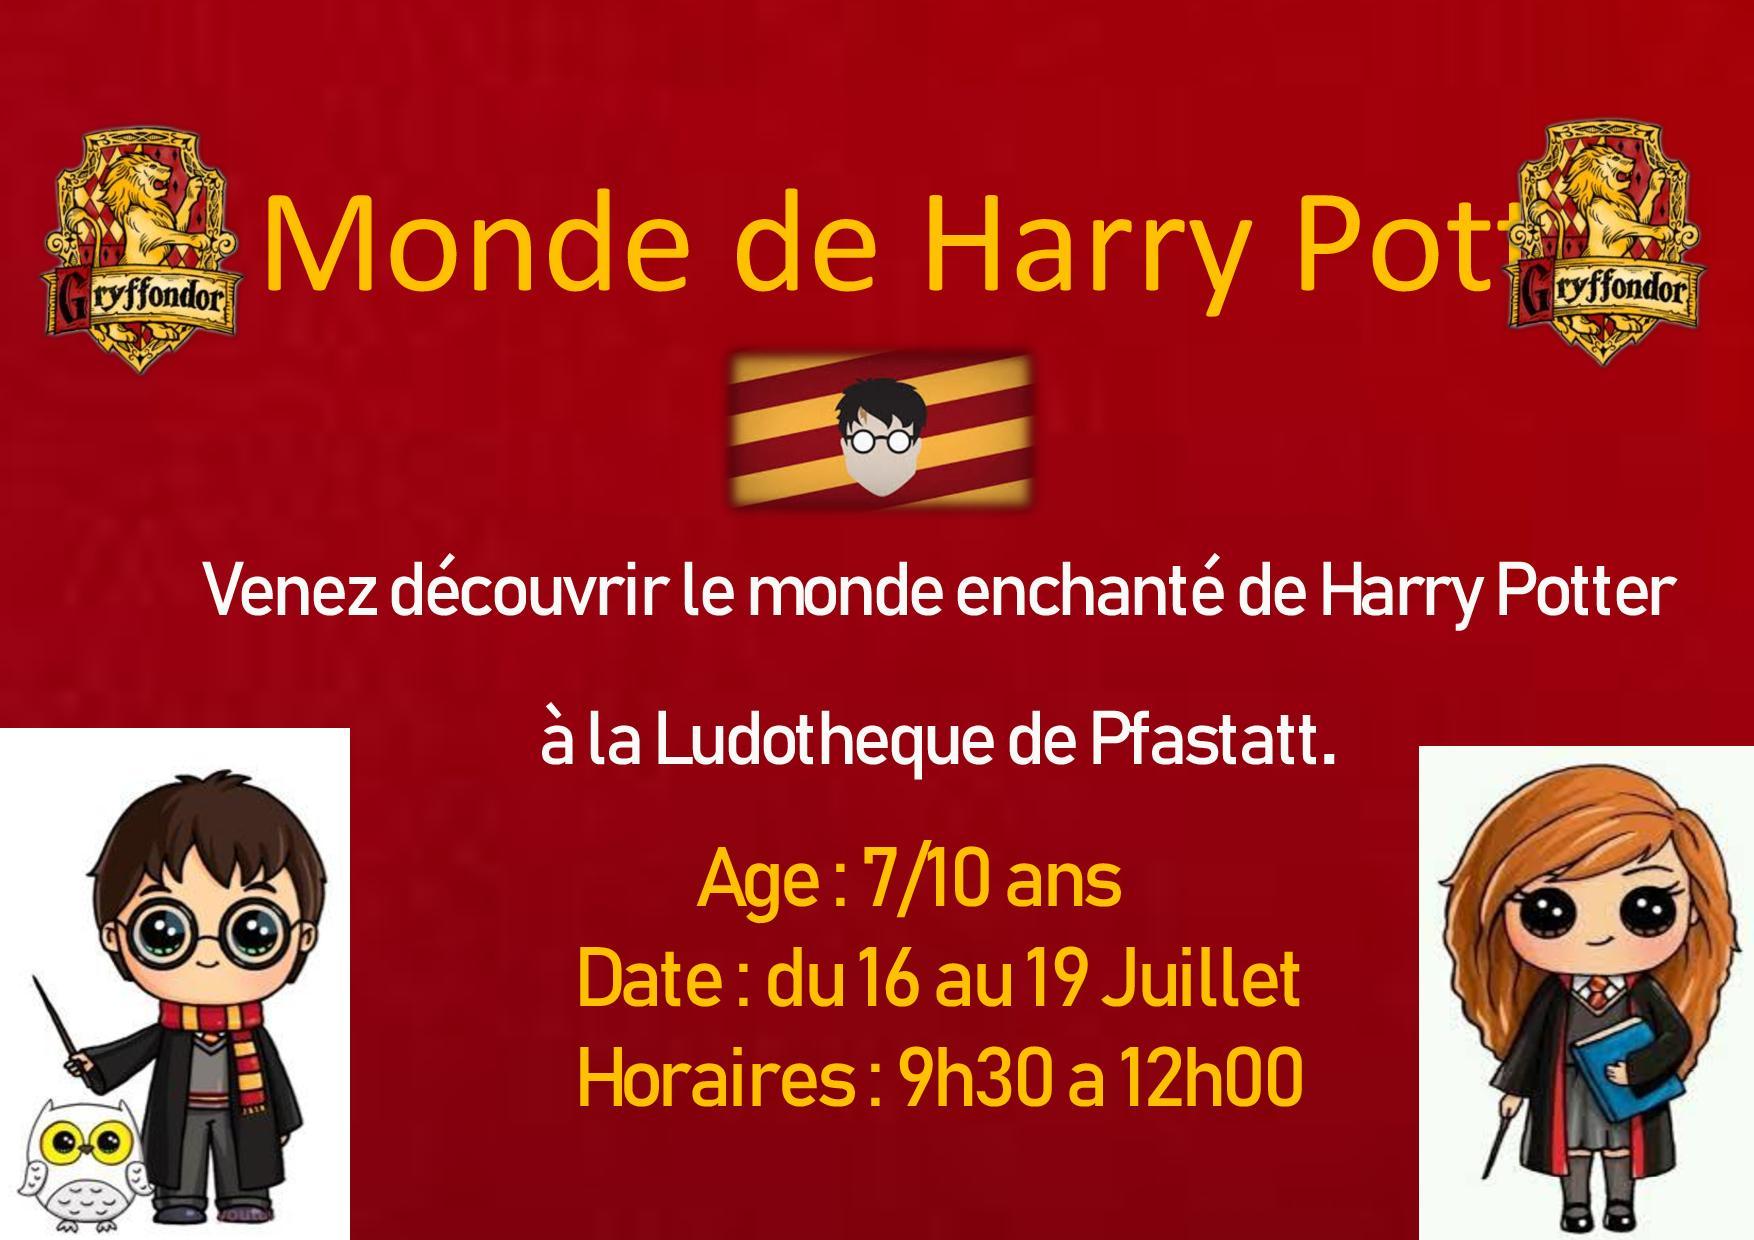 LEMONDE DE HARRY P